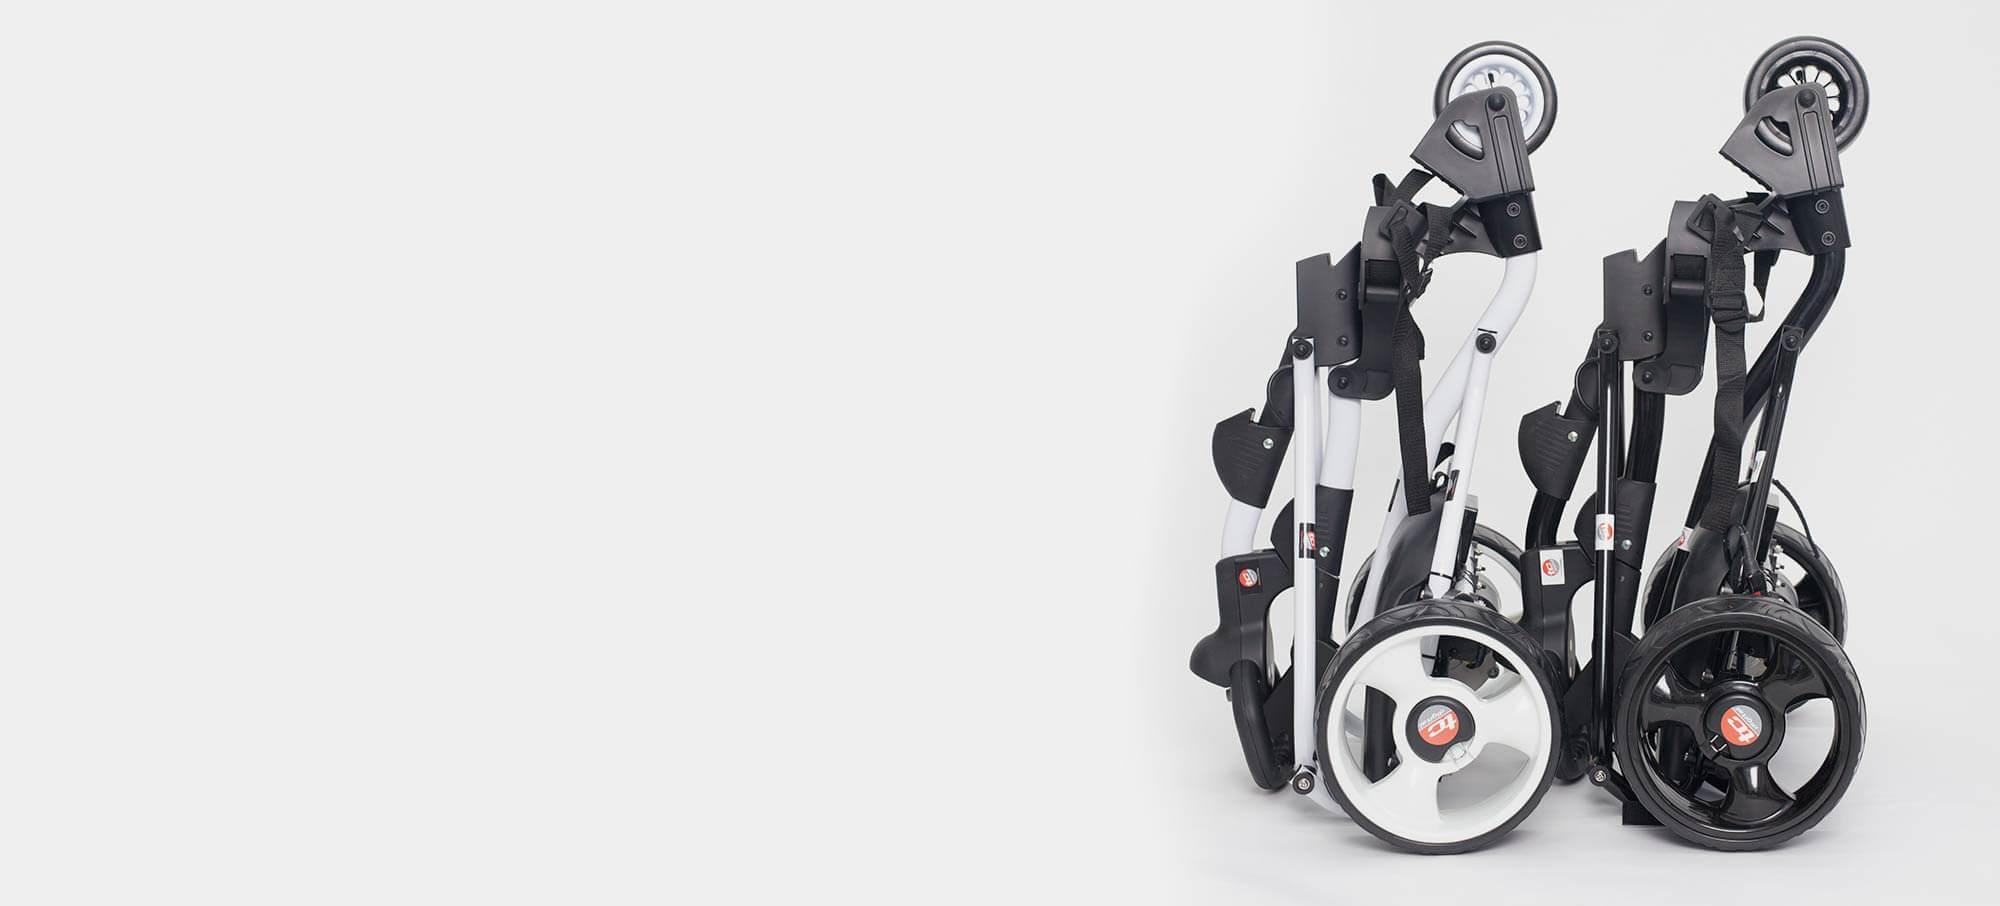 golf-trolleys-1.jpg